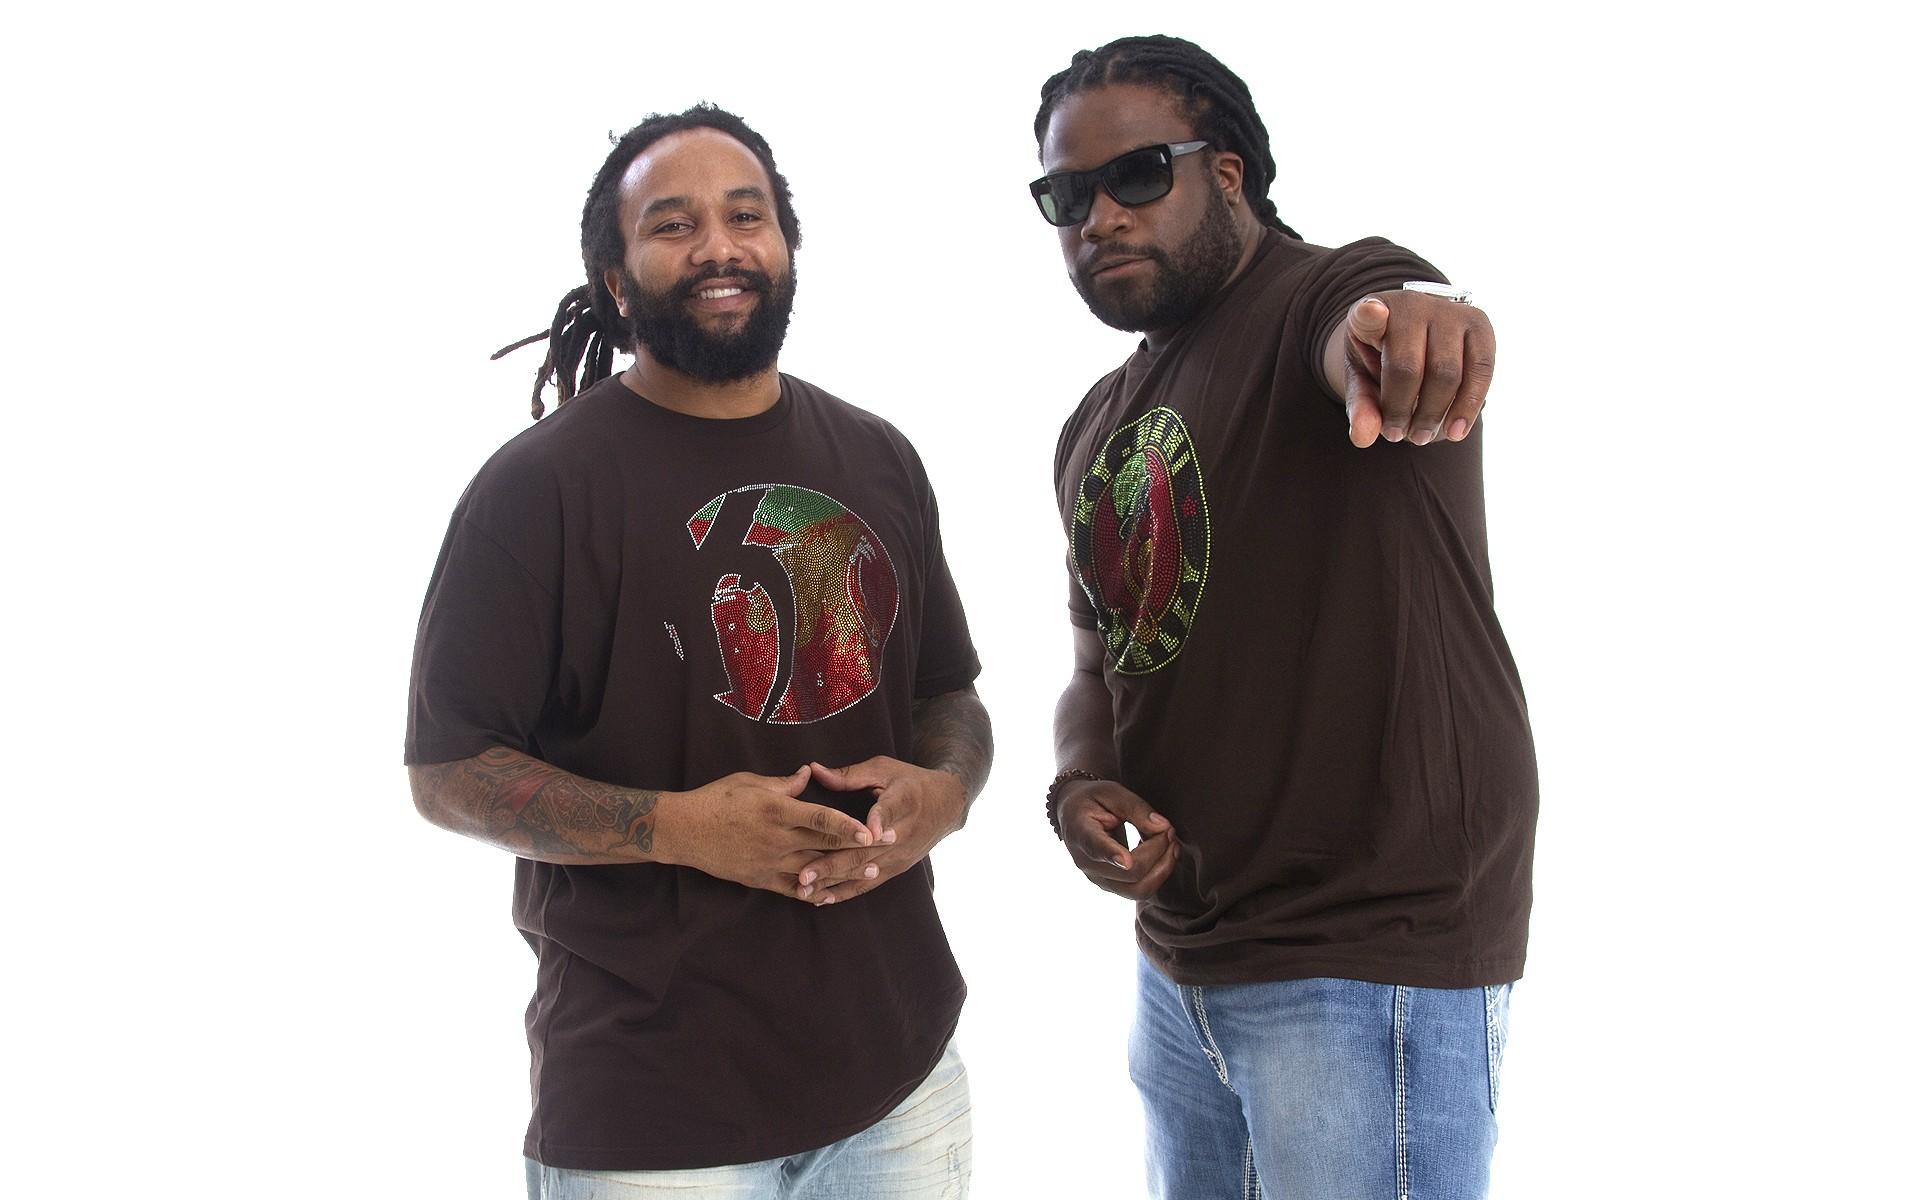 Ky-Mani Marley and Gramps Morgan